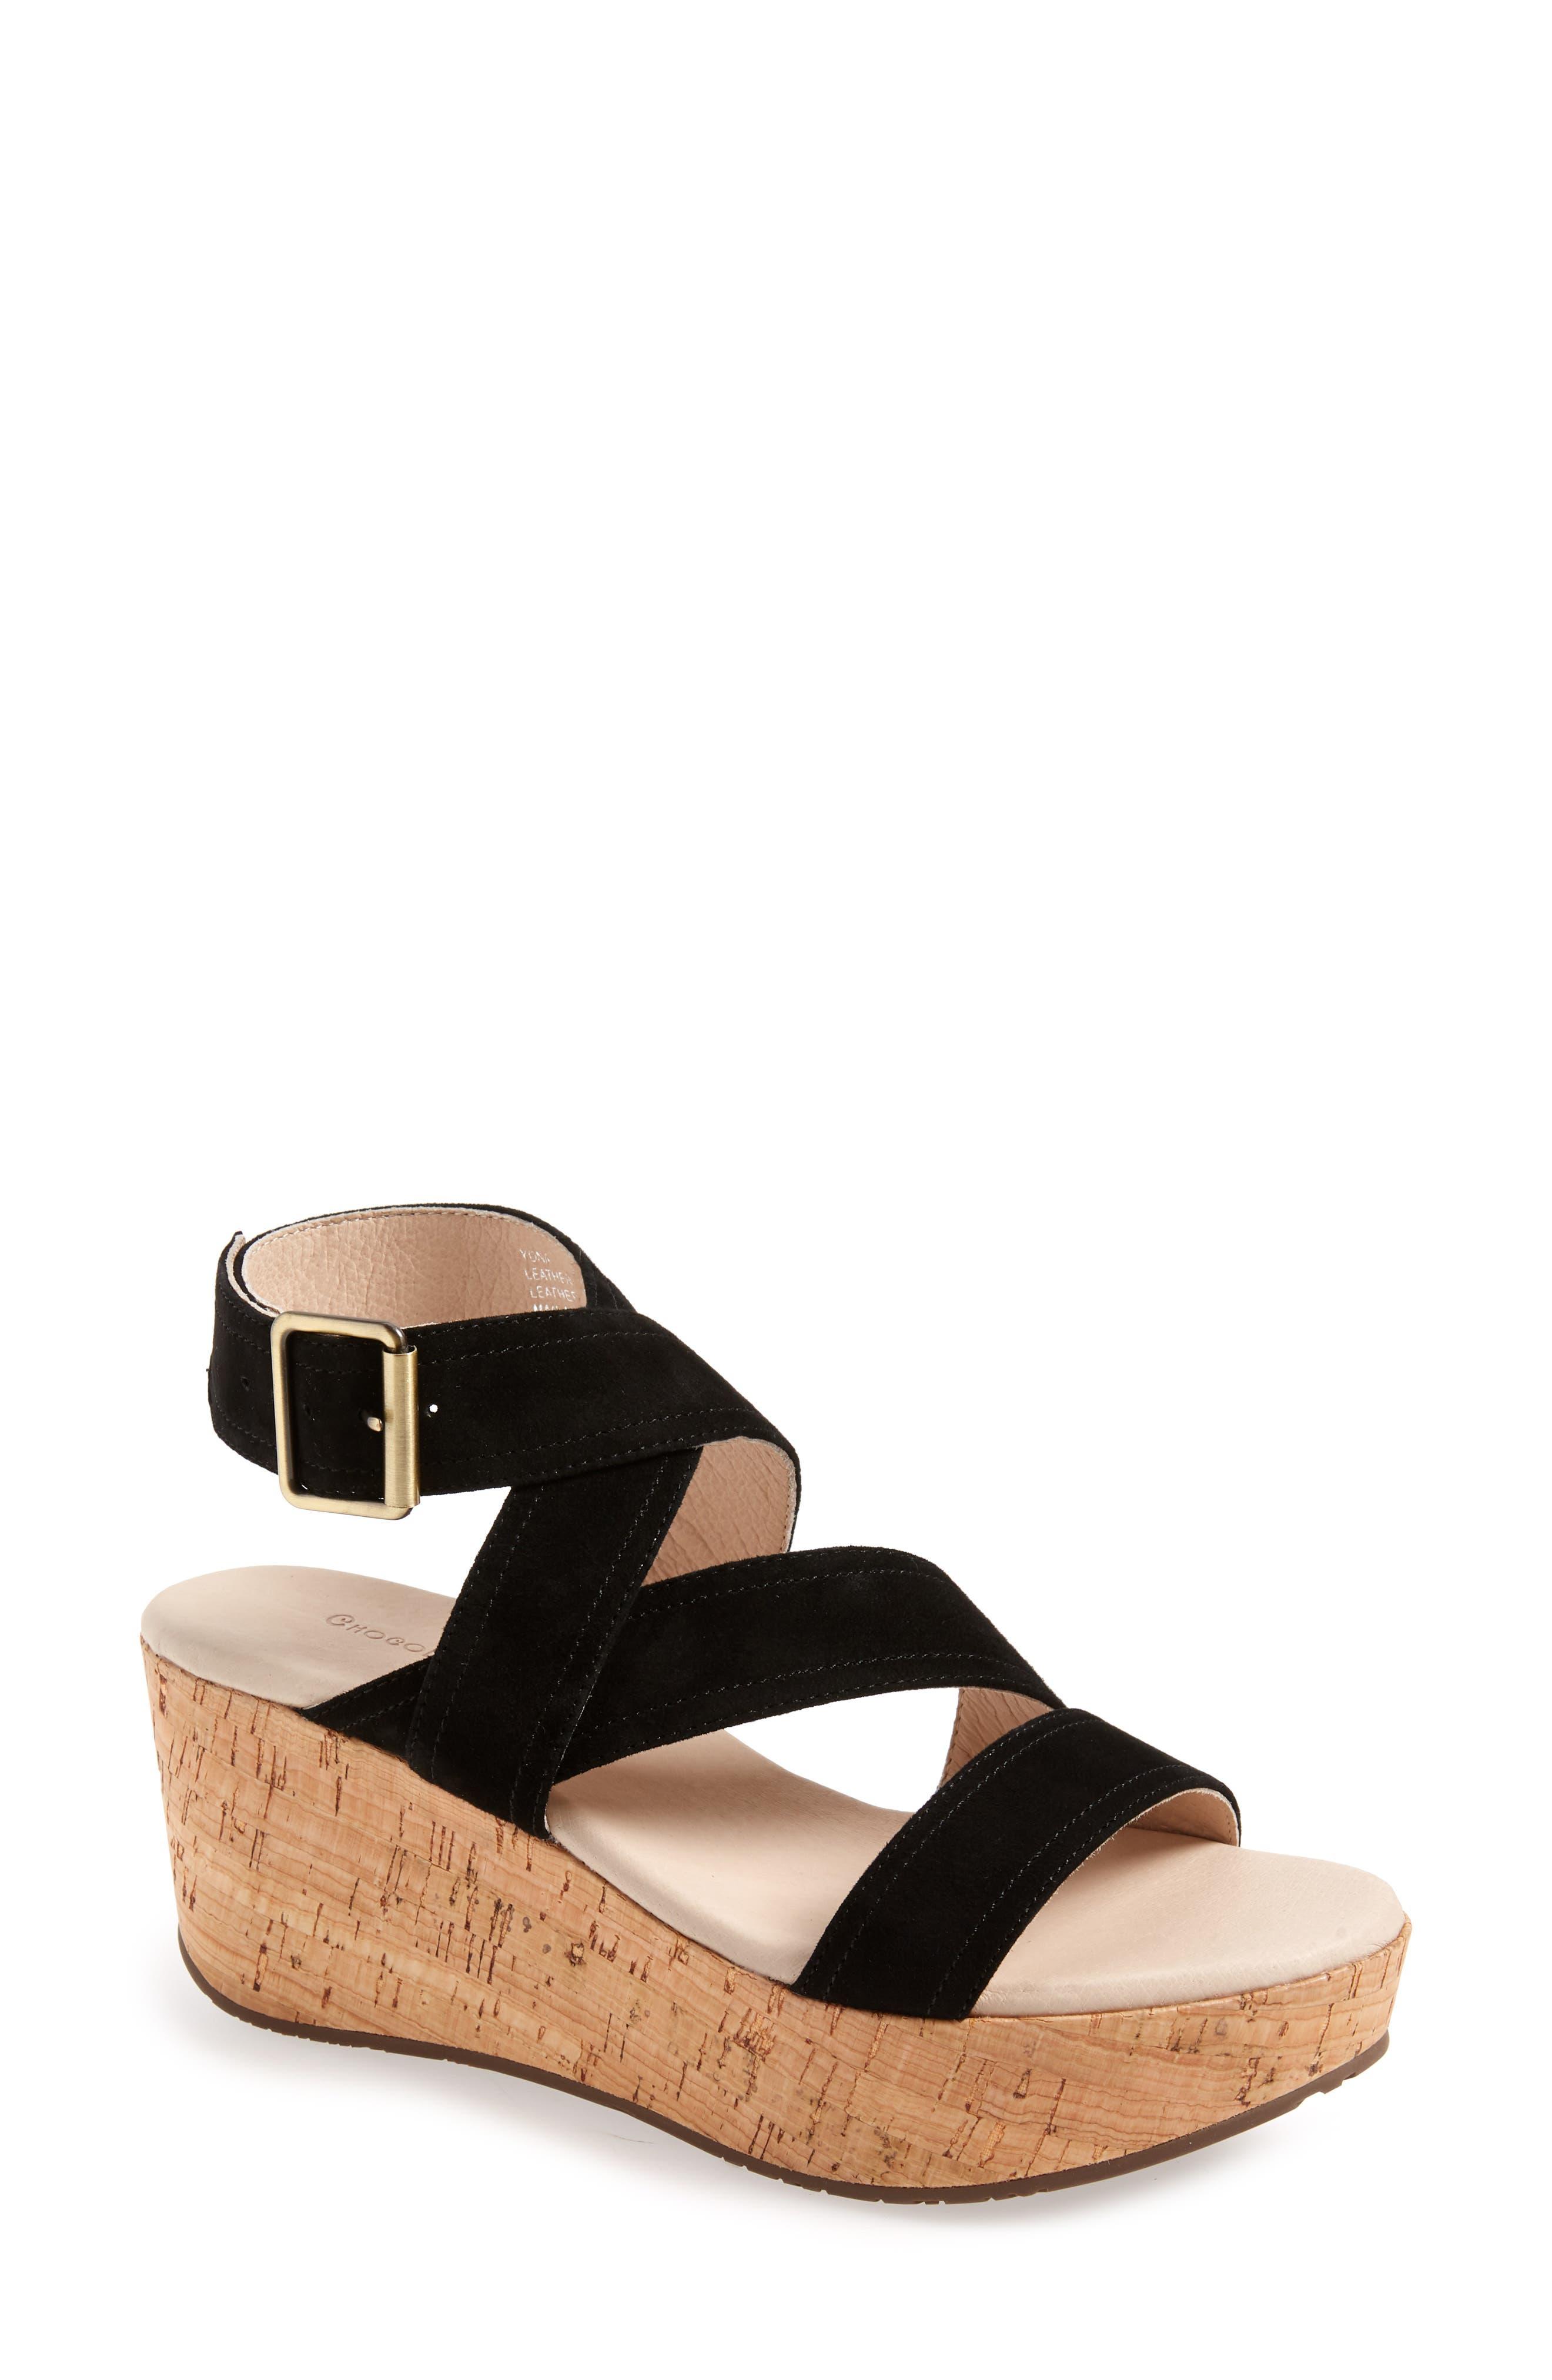 Image of Chocolat Blu Yona Platform Wedge Sandal